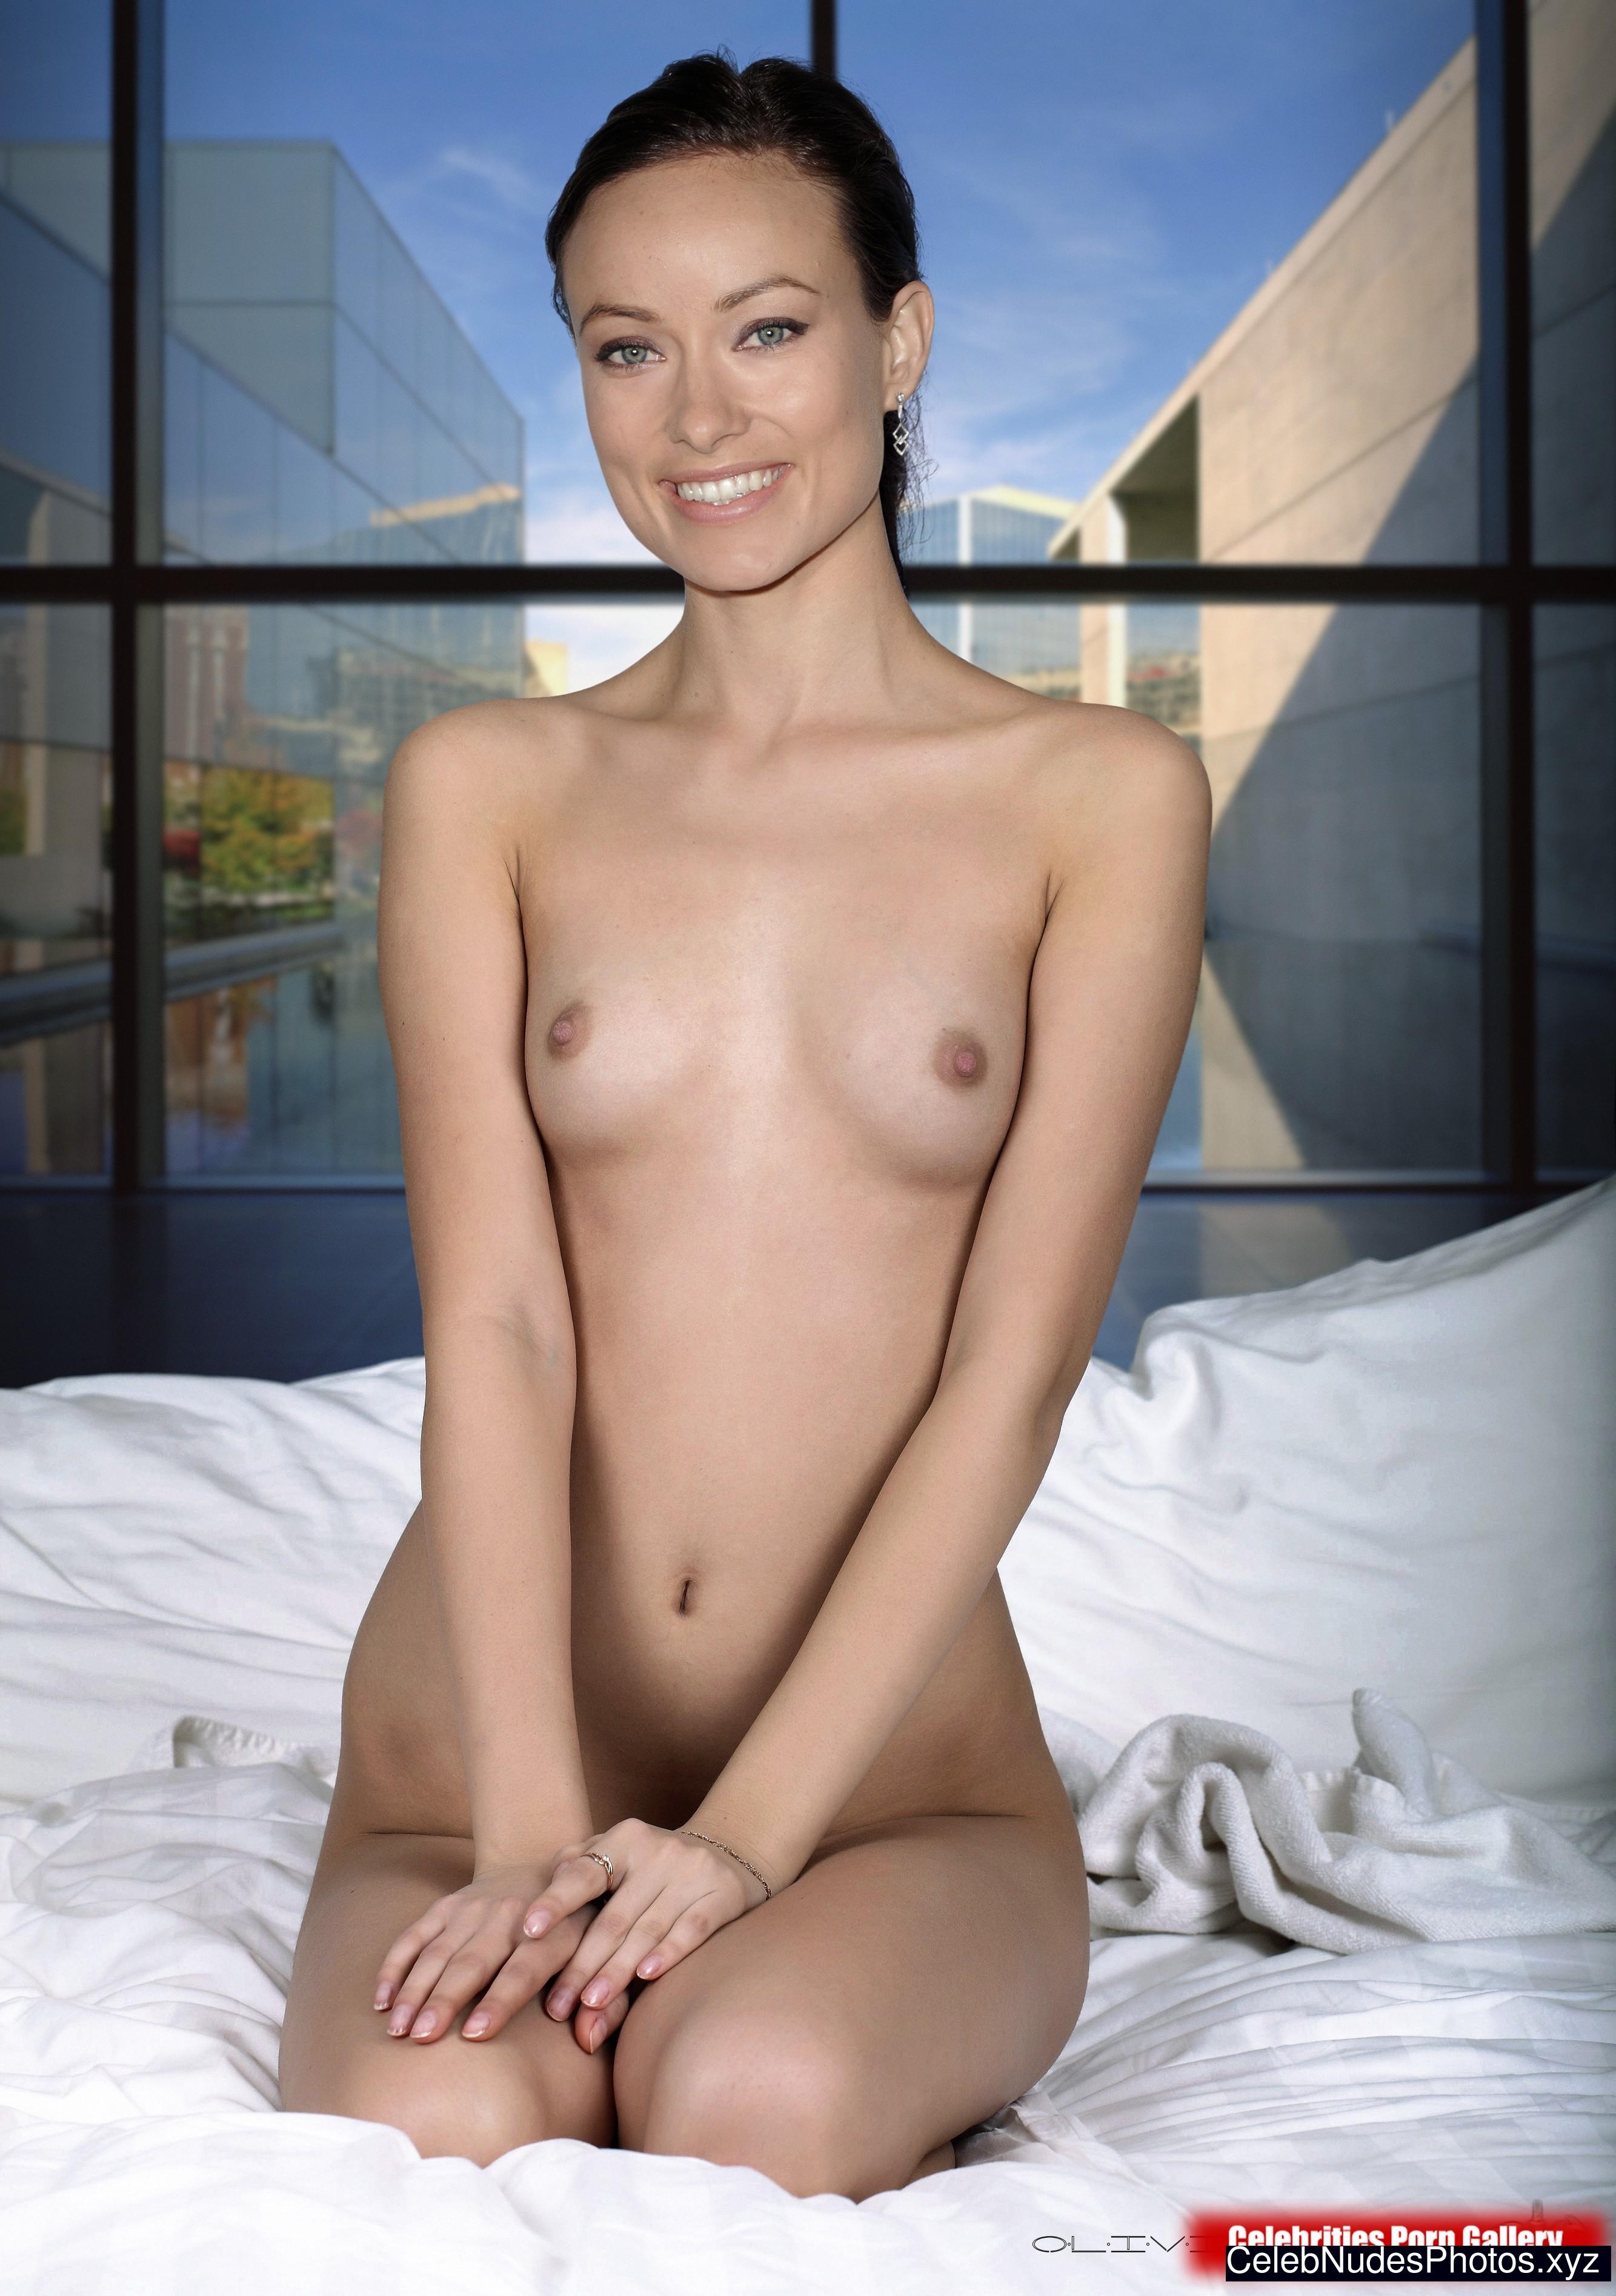 Free nude celeb videos